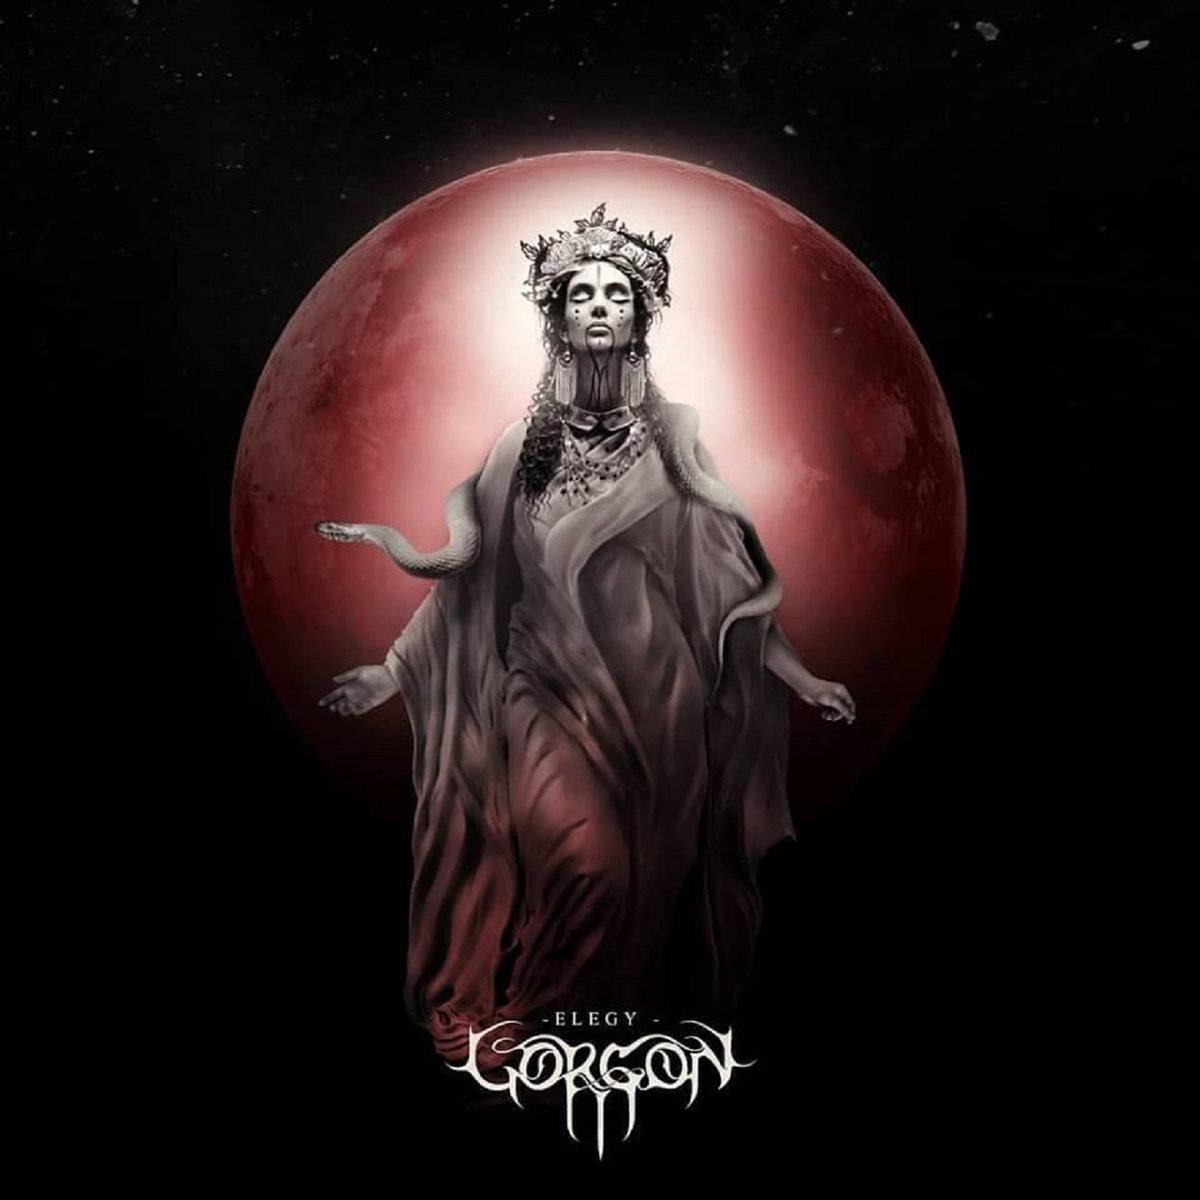 Gorgon: Elegy